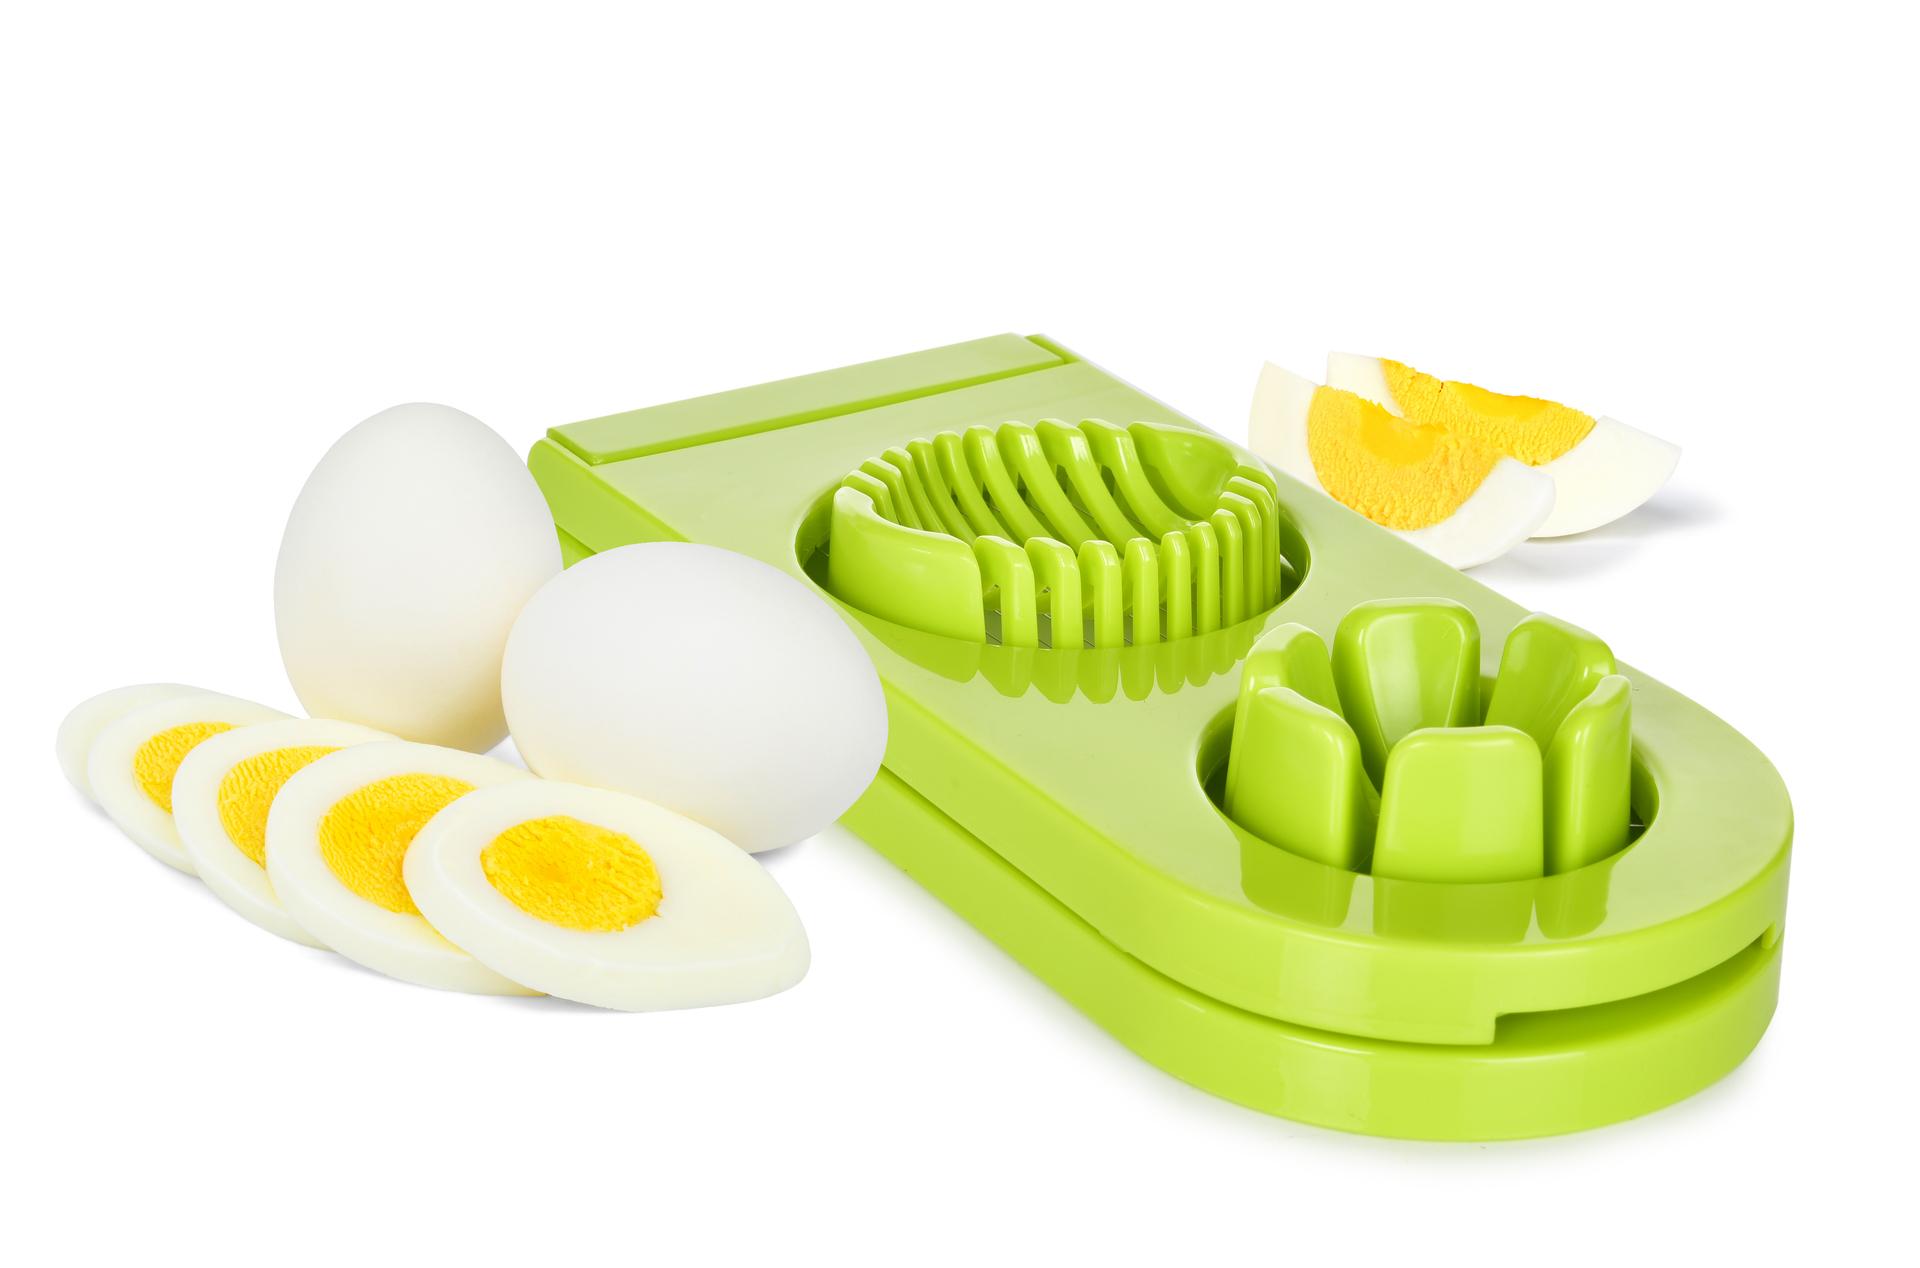 Jak Uvařit Vejce – DOMESIO, Vajíčka